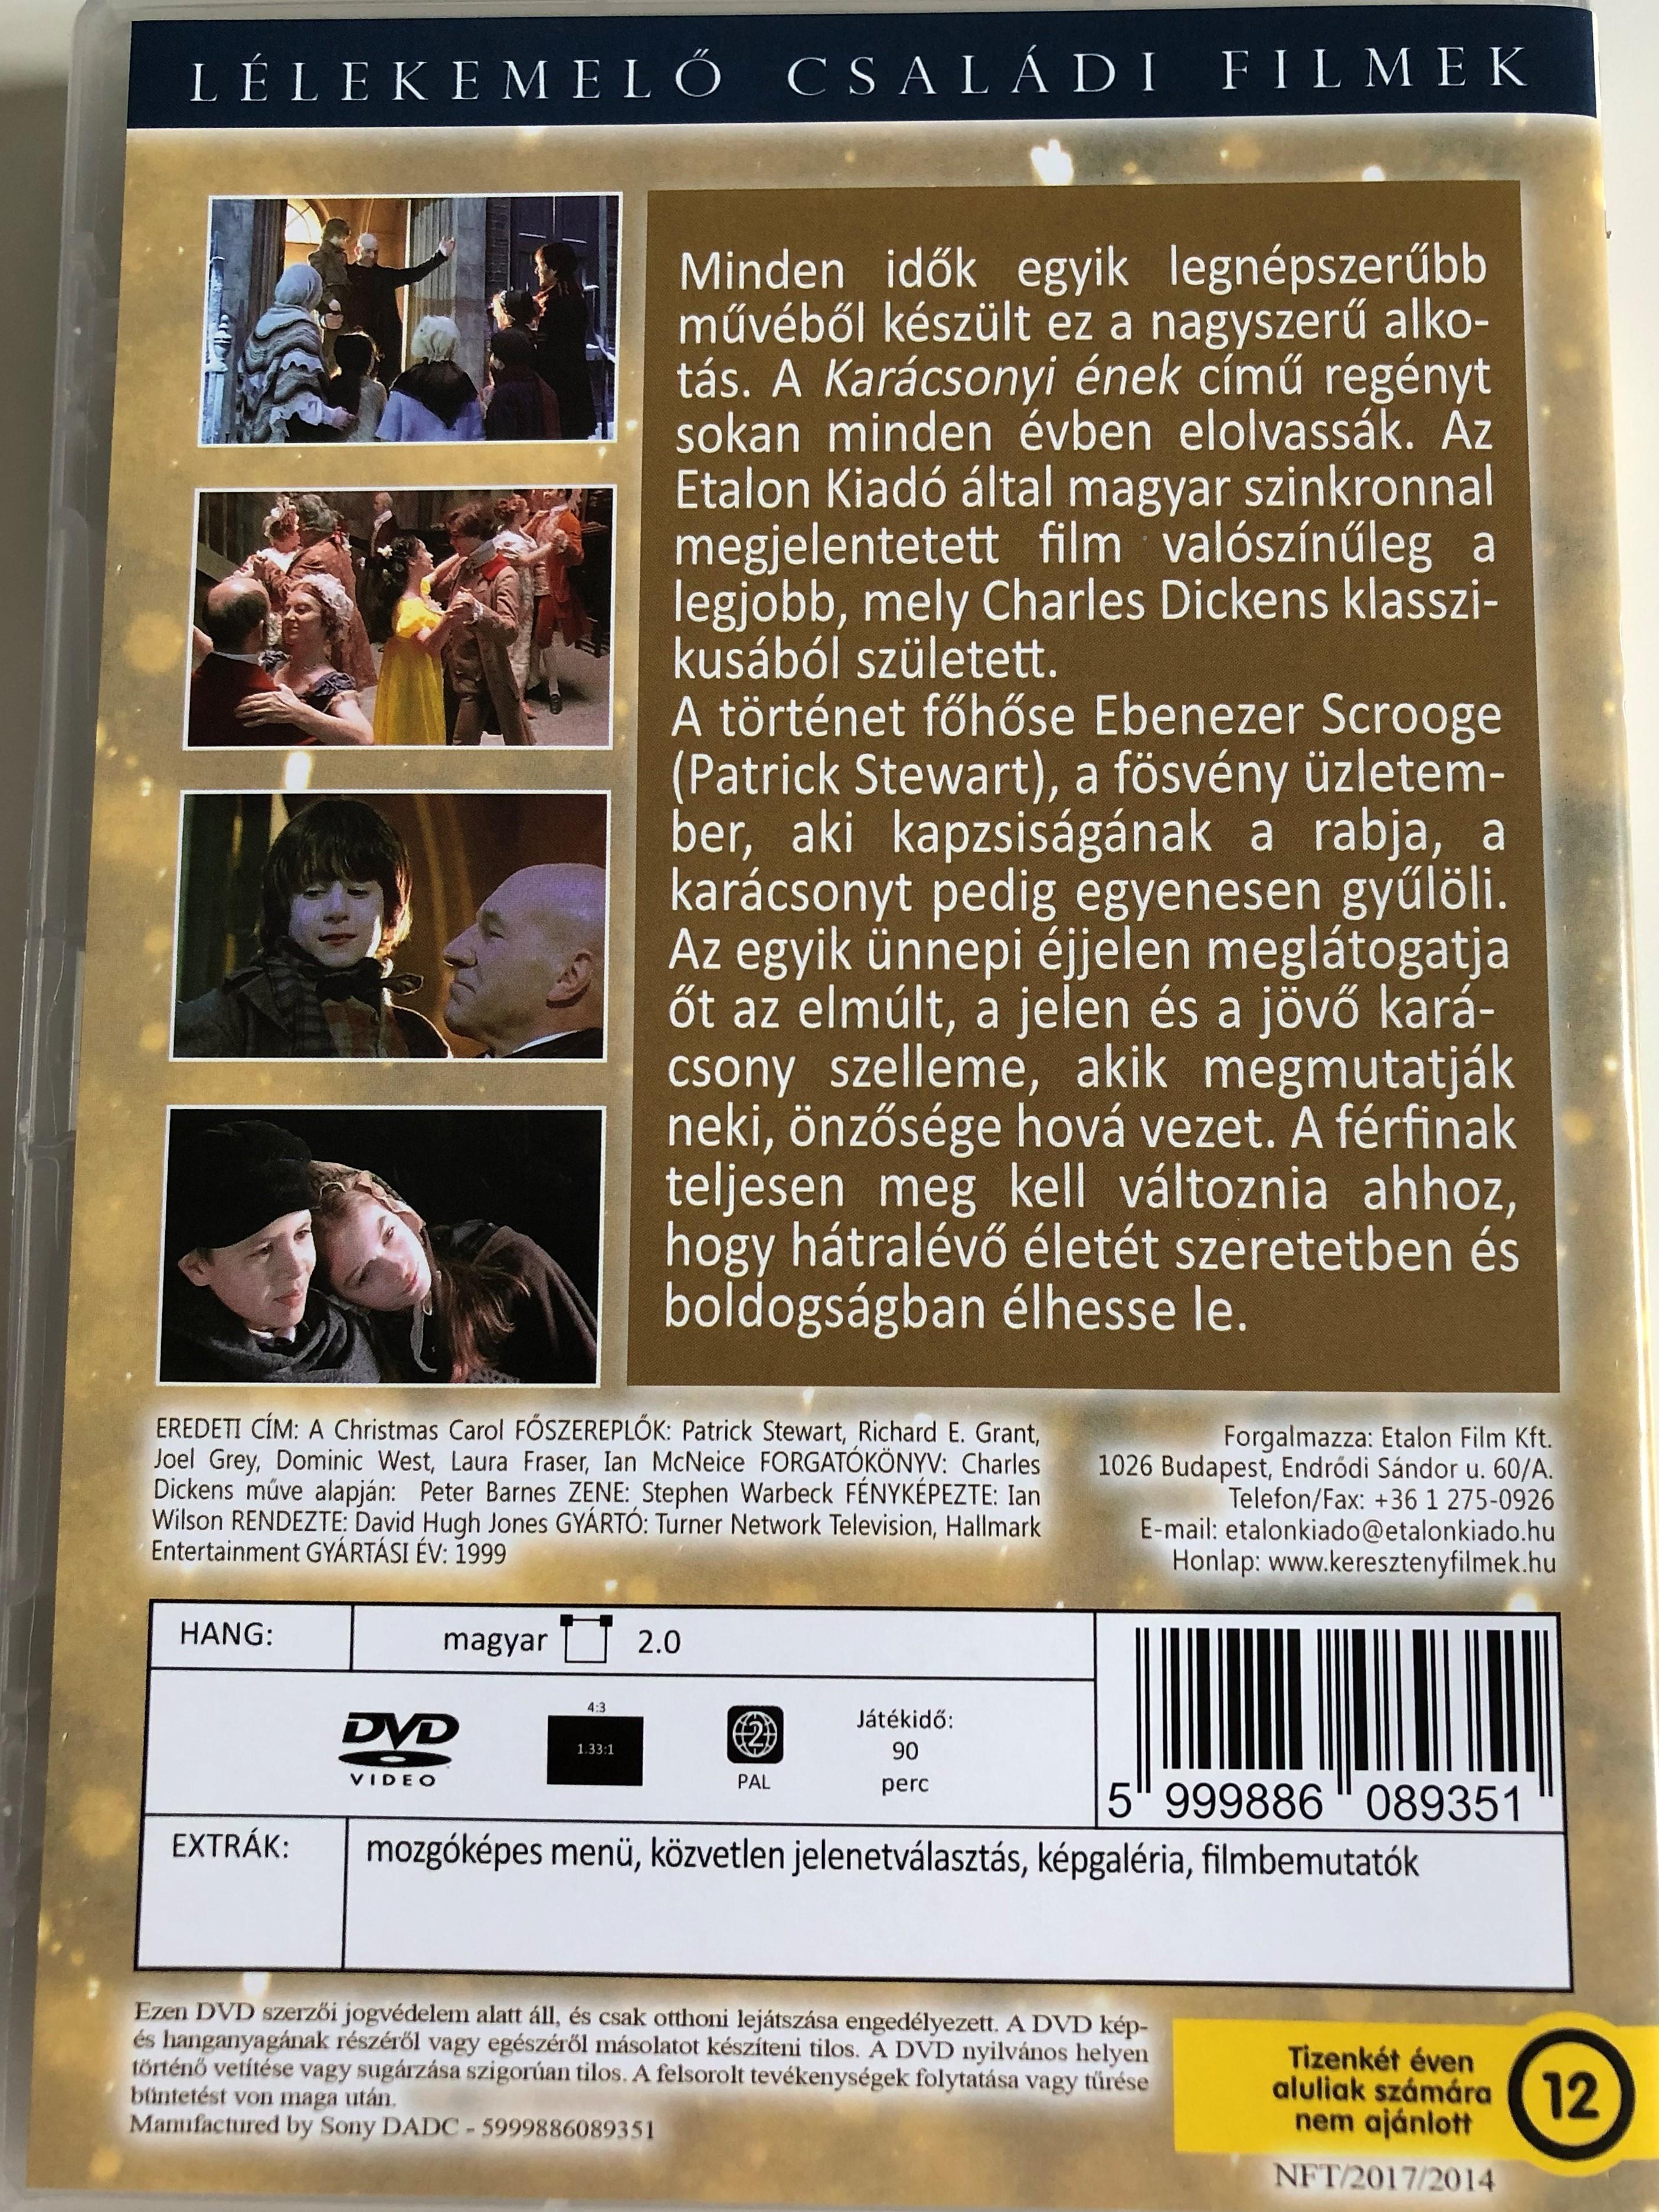 a-christmas-carol-dvd-1999-kar-csonyi-nek-directed-by-david-hugh-jones-starring-patrick-stewart-richard-e.-grant-joel-grey-dominic-west-laura-fraser-based-on-charles-dickens-novel-2-.jpg